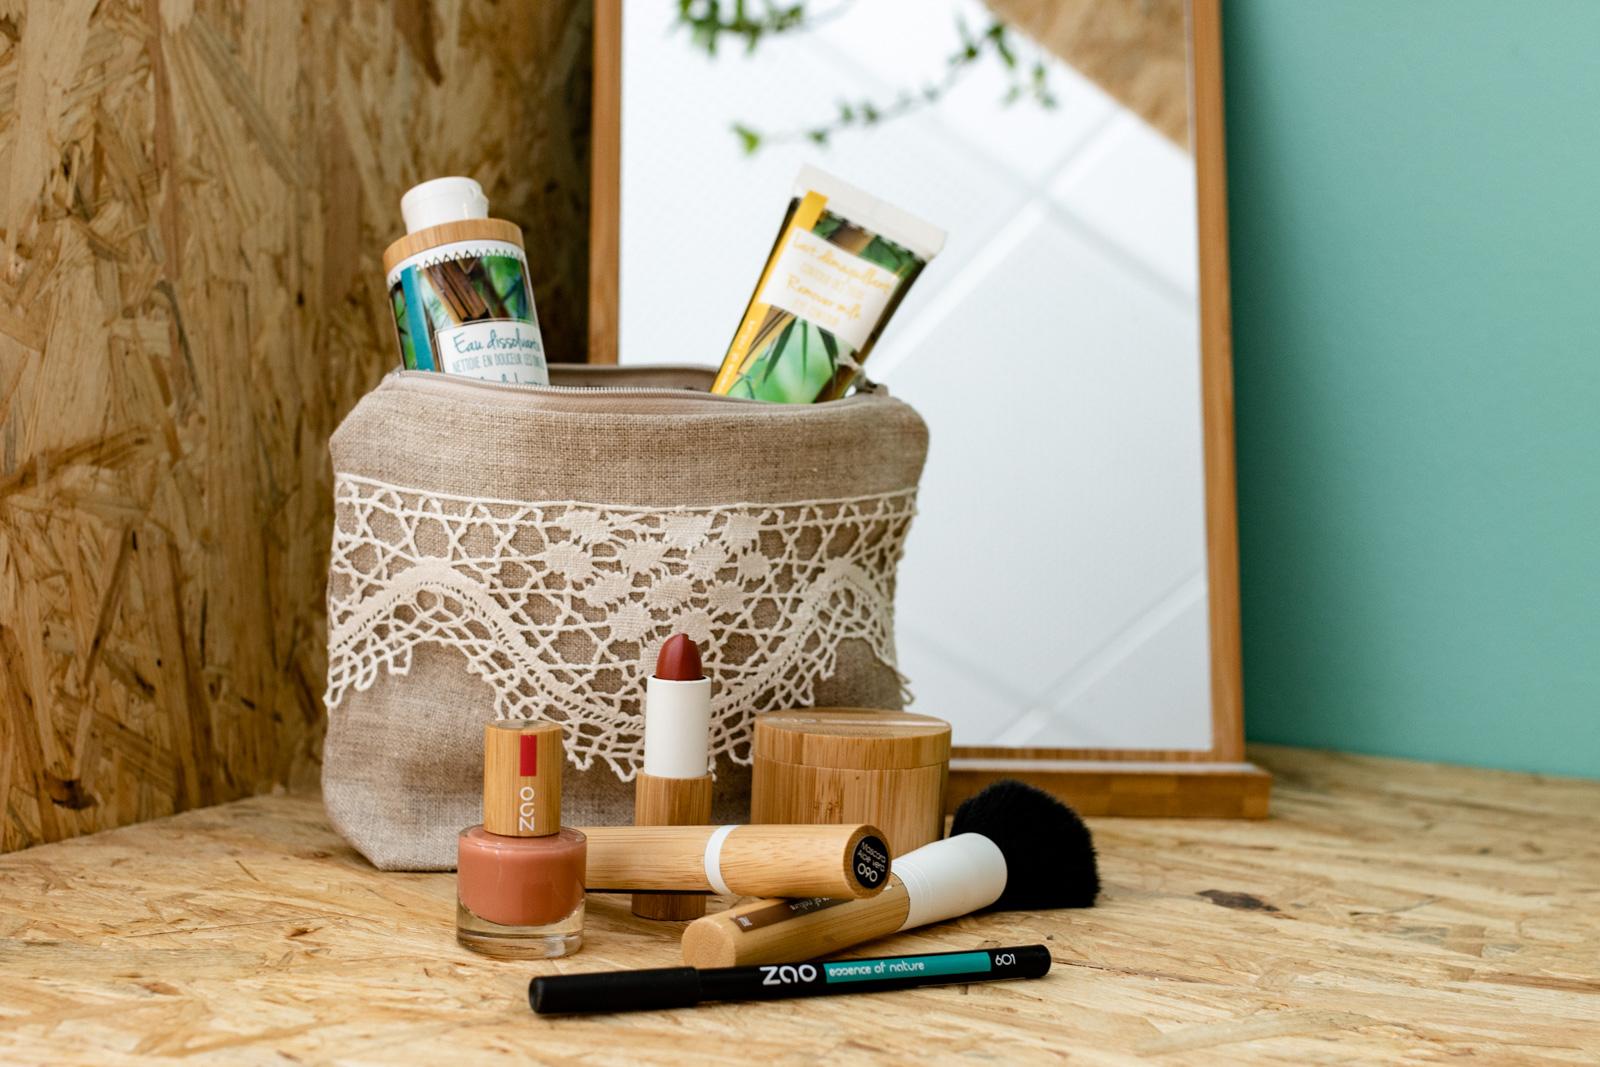 Maquillage bio et 0 déchet à Sommières, dans le Gard